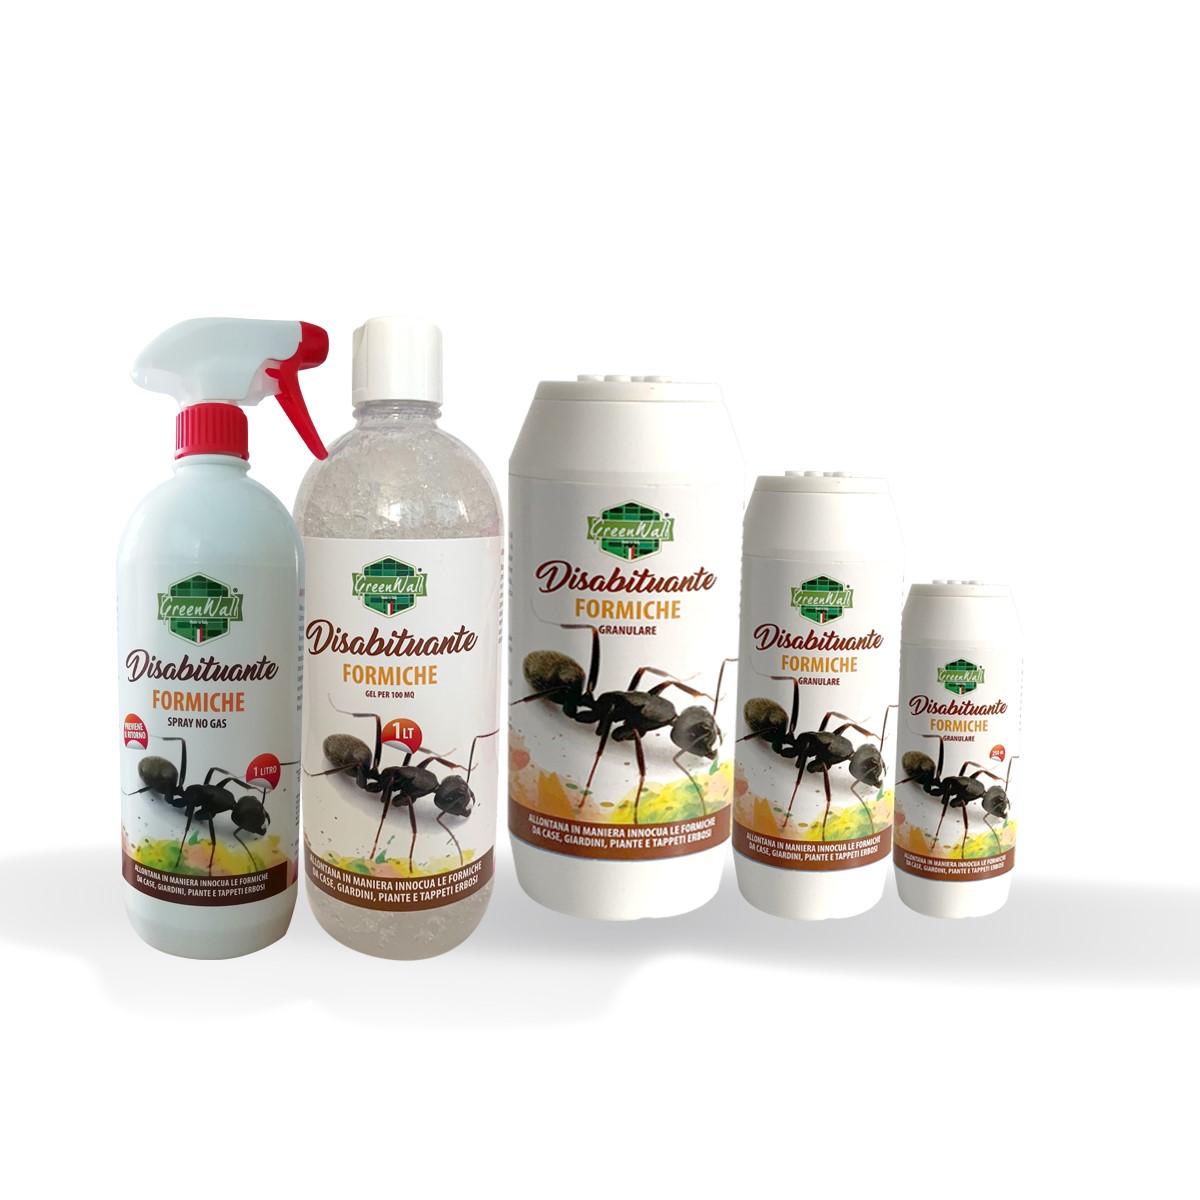 Prodotti Efficaci Contro Le Formiche disabituanti formiche